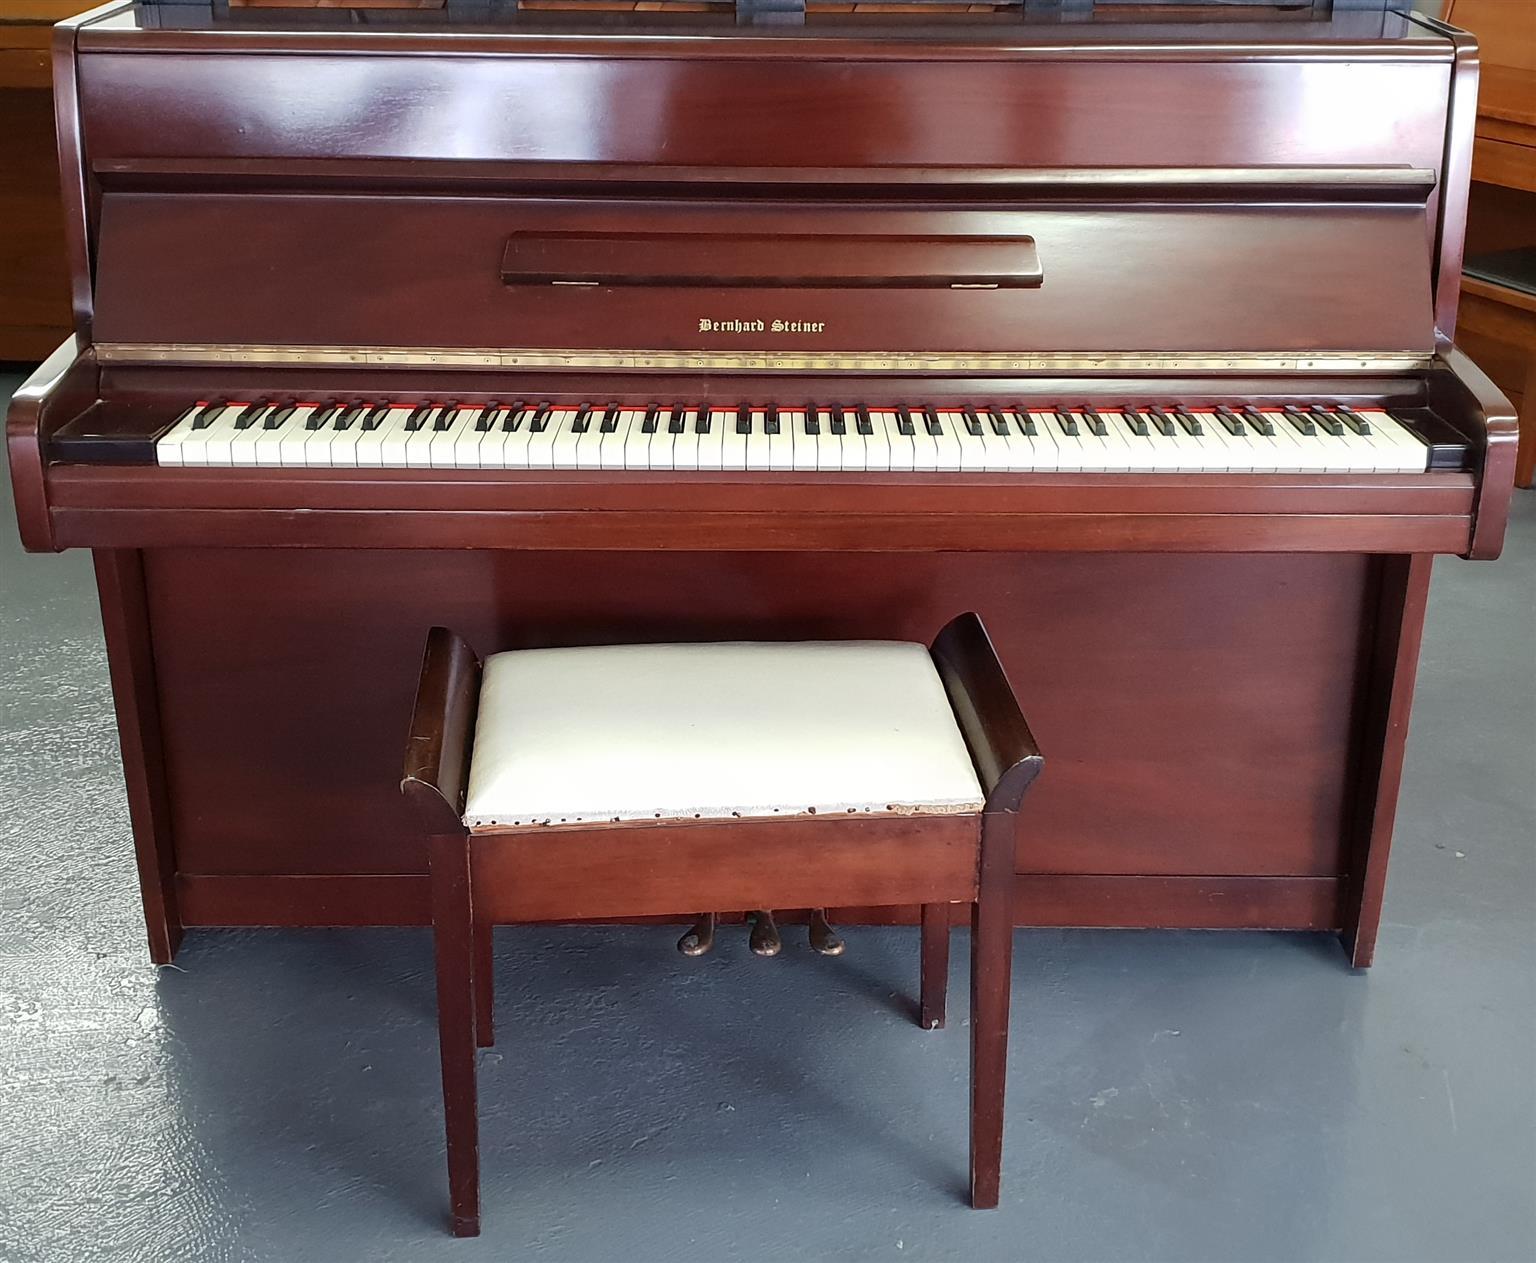 Bernhard Steiner Upright Piano 1970's